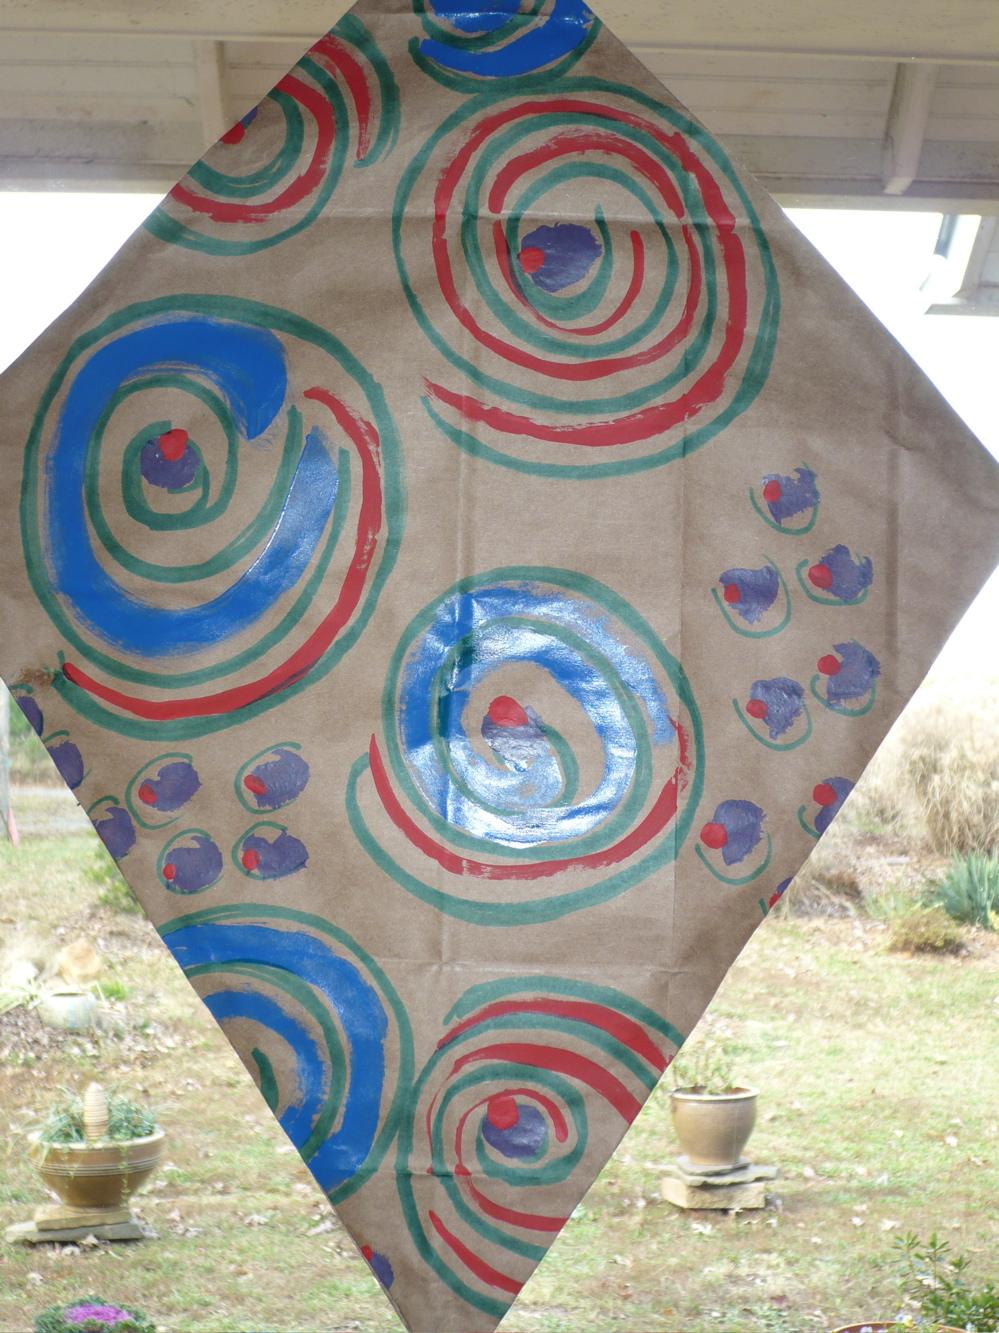 Norma's Swirl Kite